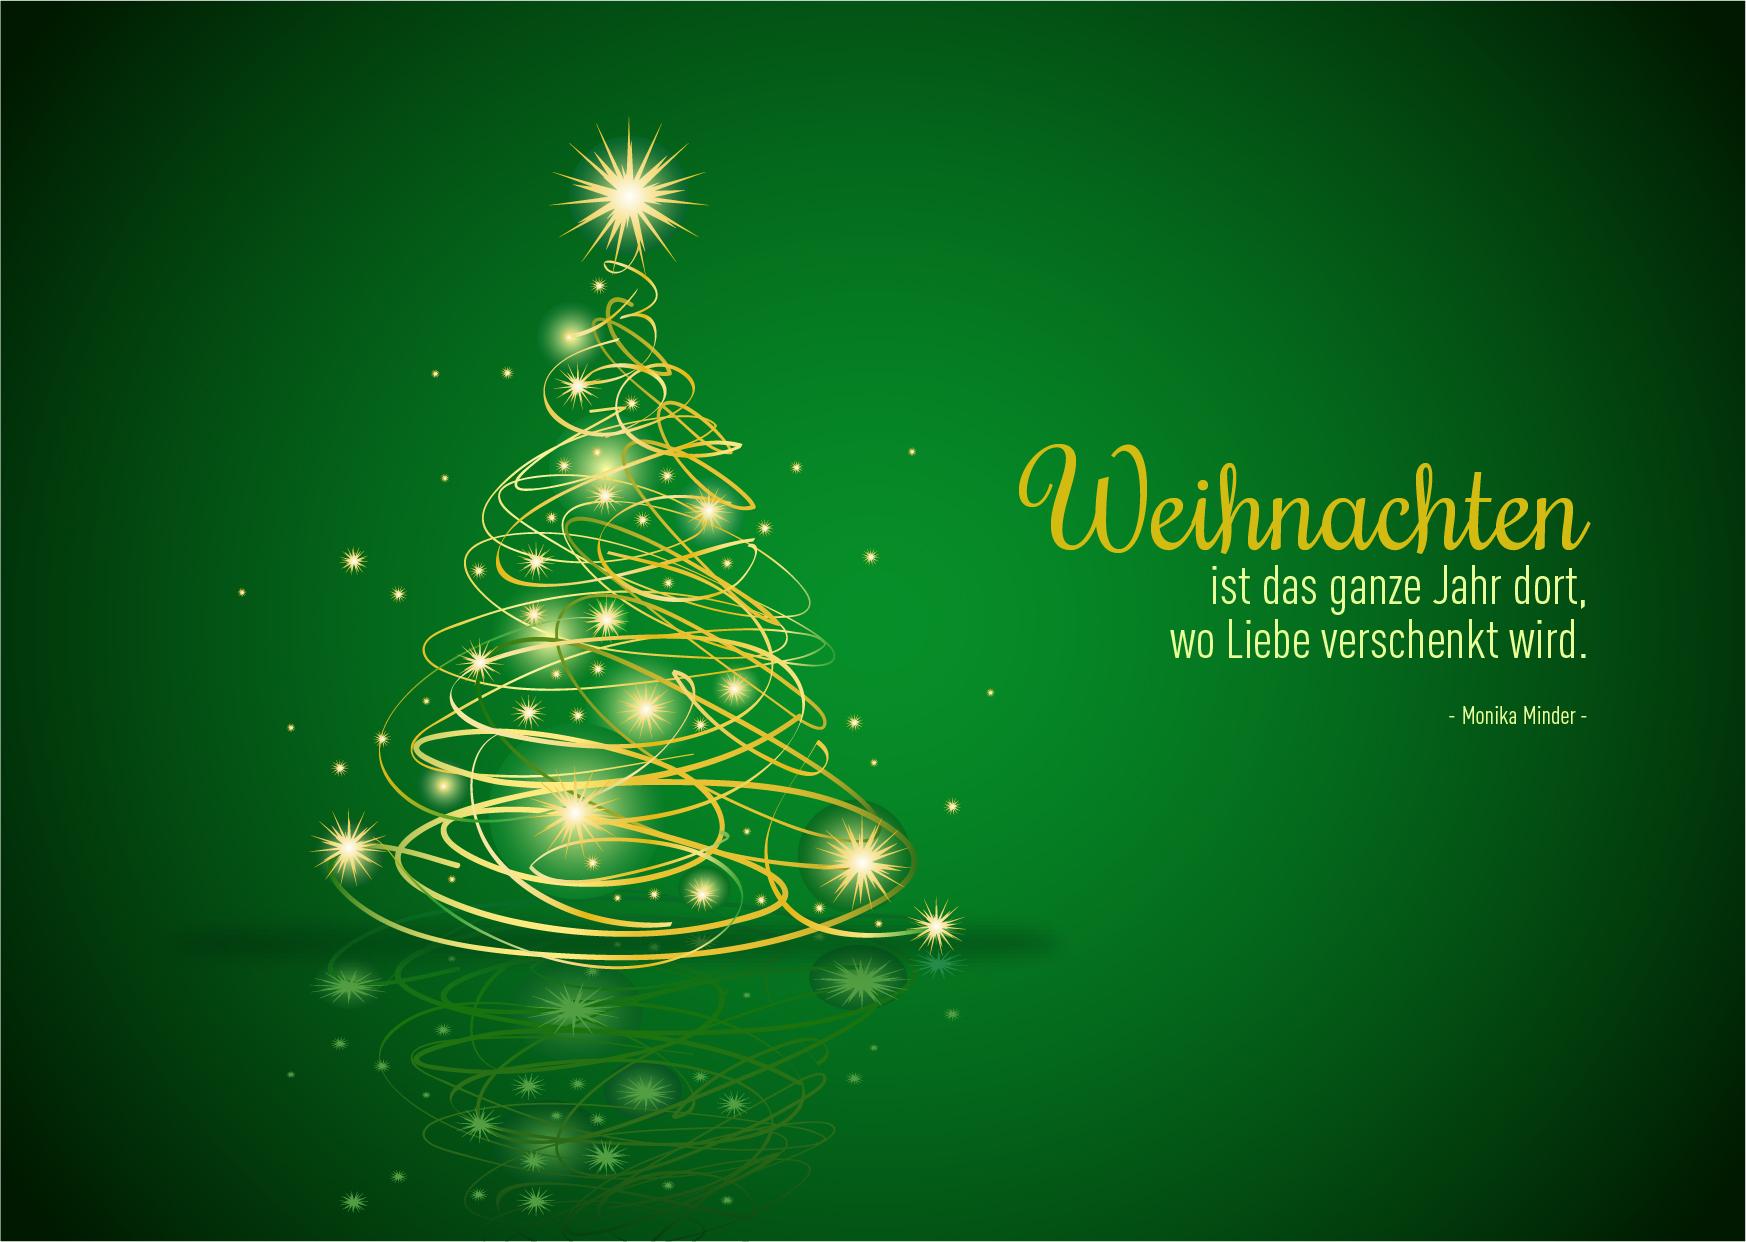 """Weihnachtsgrüße als Karte zum Drucken: Zitat """"Weihnachten ist das ganze Jahr dort, wo Liebe verschenkt wird."""" (#8)"""